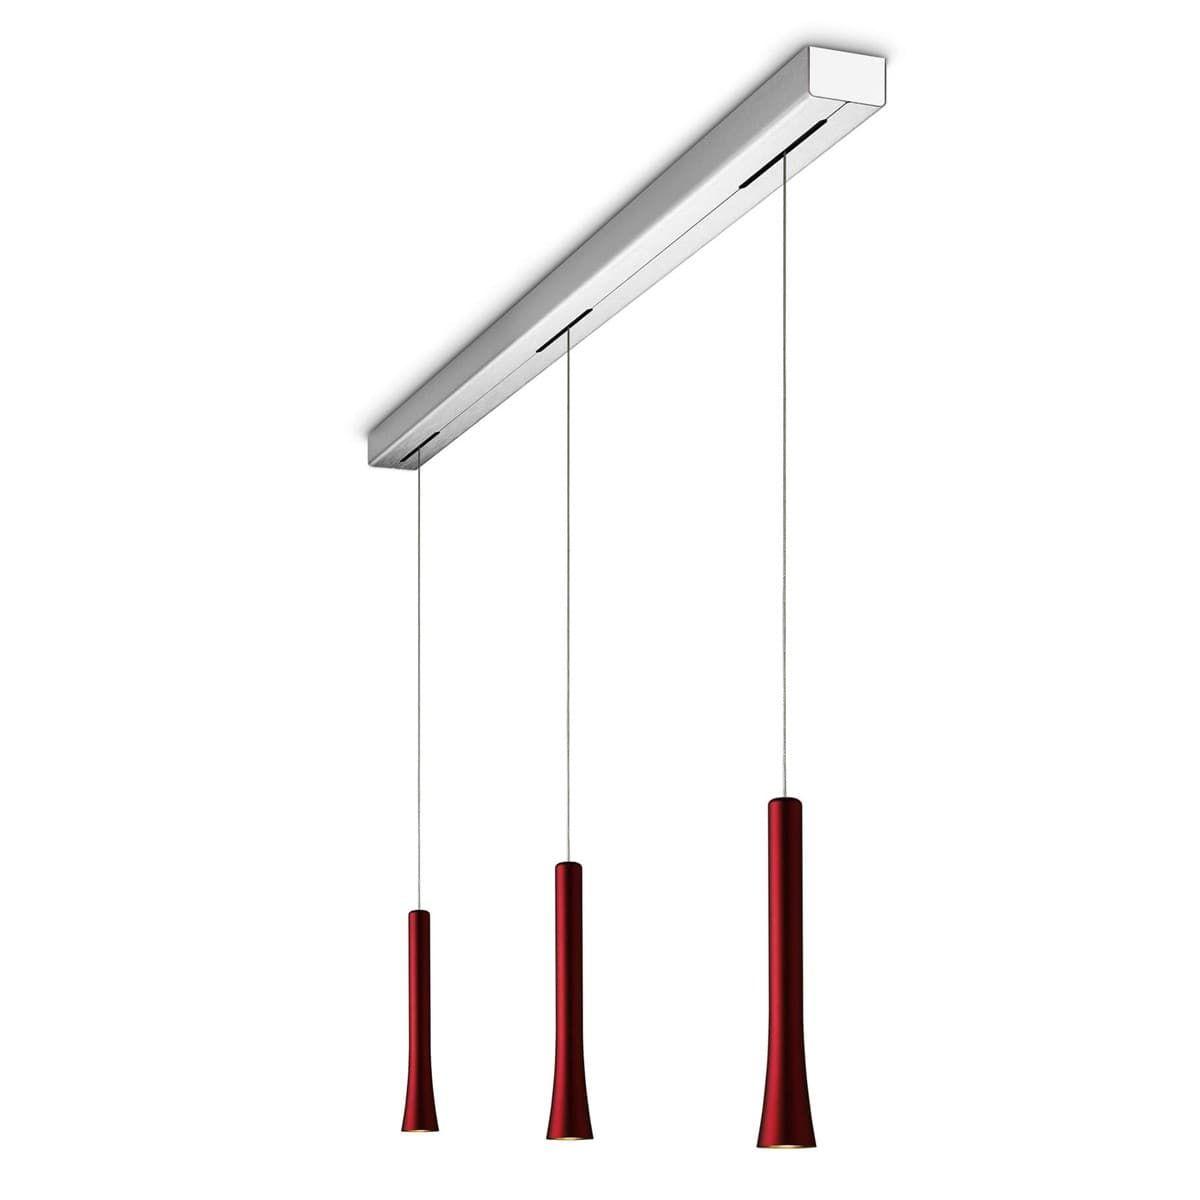 Oligo Rio Pendelleuchte 3 Flg Red Velvet Dunkelrot In 2020 Wohnzimmer Leuchte Pendelleuchte Led Strahler